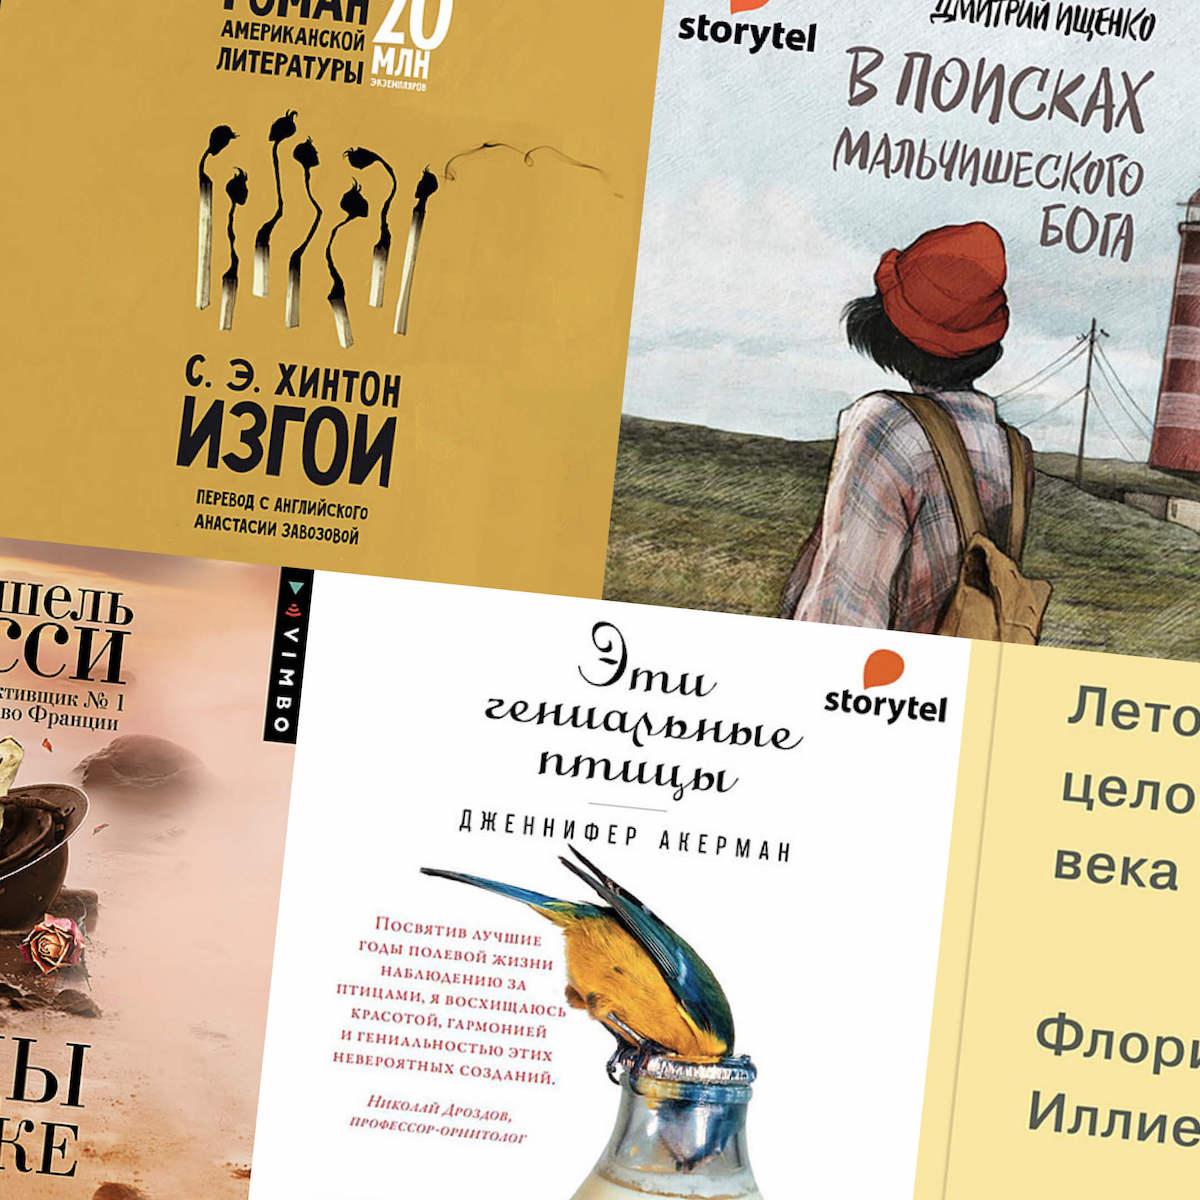 Обложки аудиокниг: «Лето целого века», «Изгои», «Эти гениальные птицы», «Следы напеске», «Впоисках мальчишеского бога»